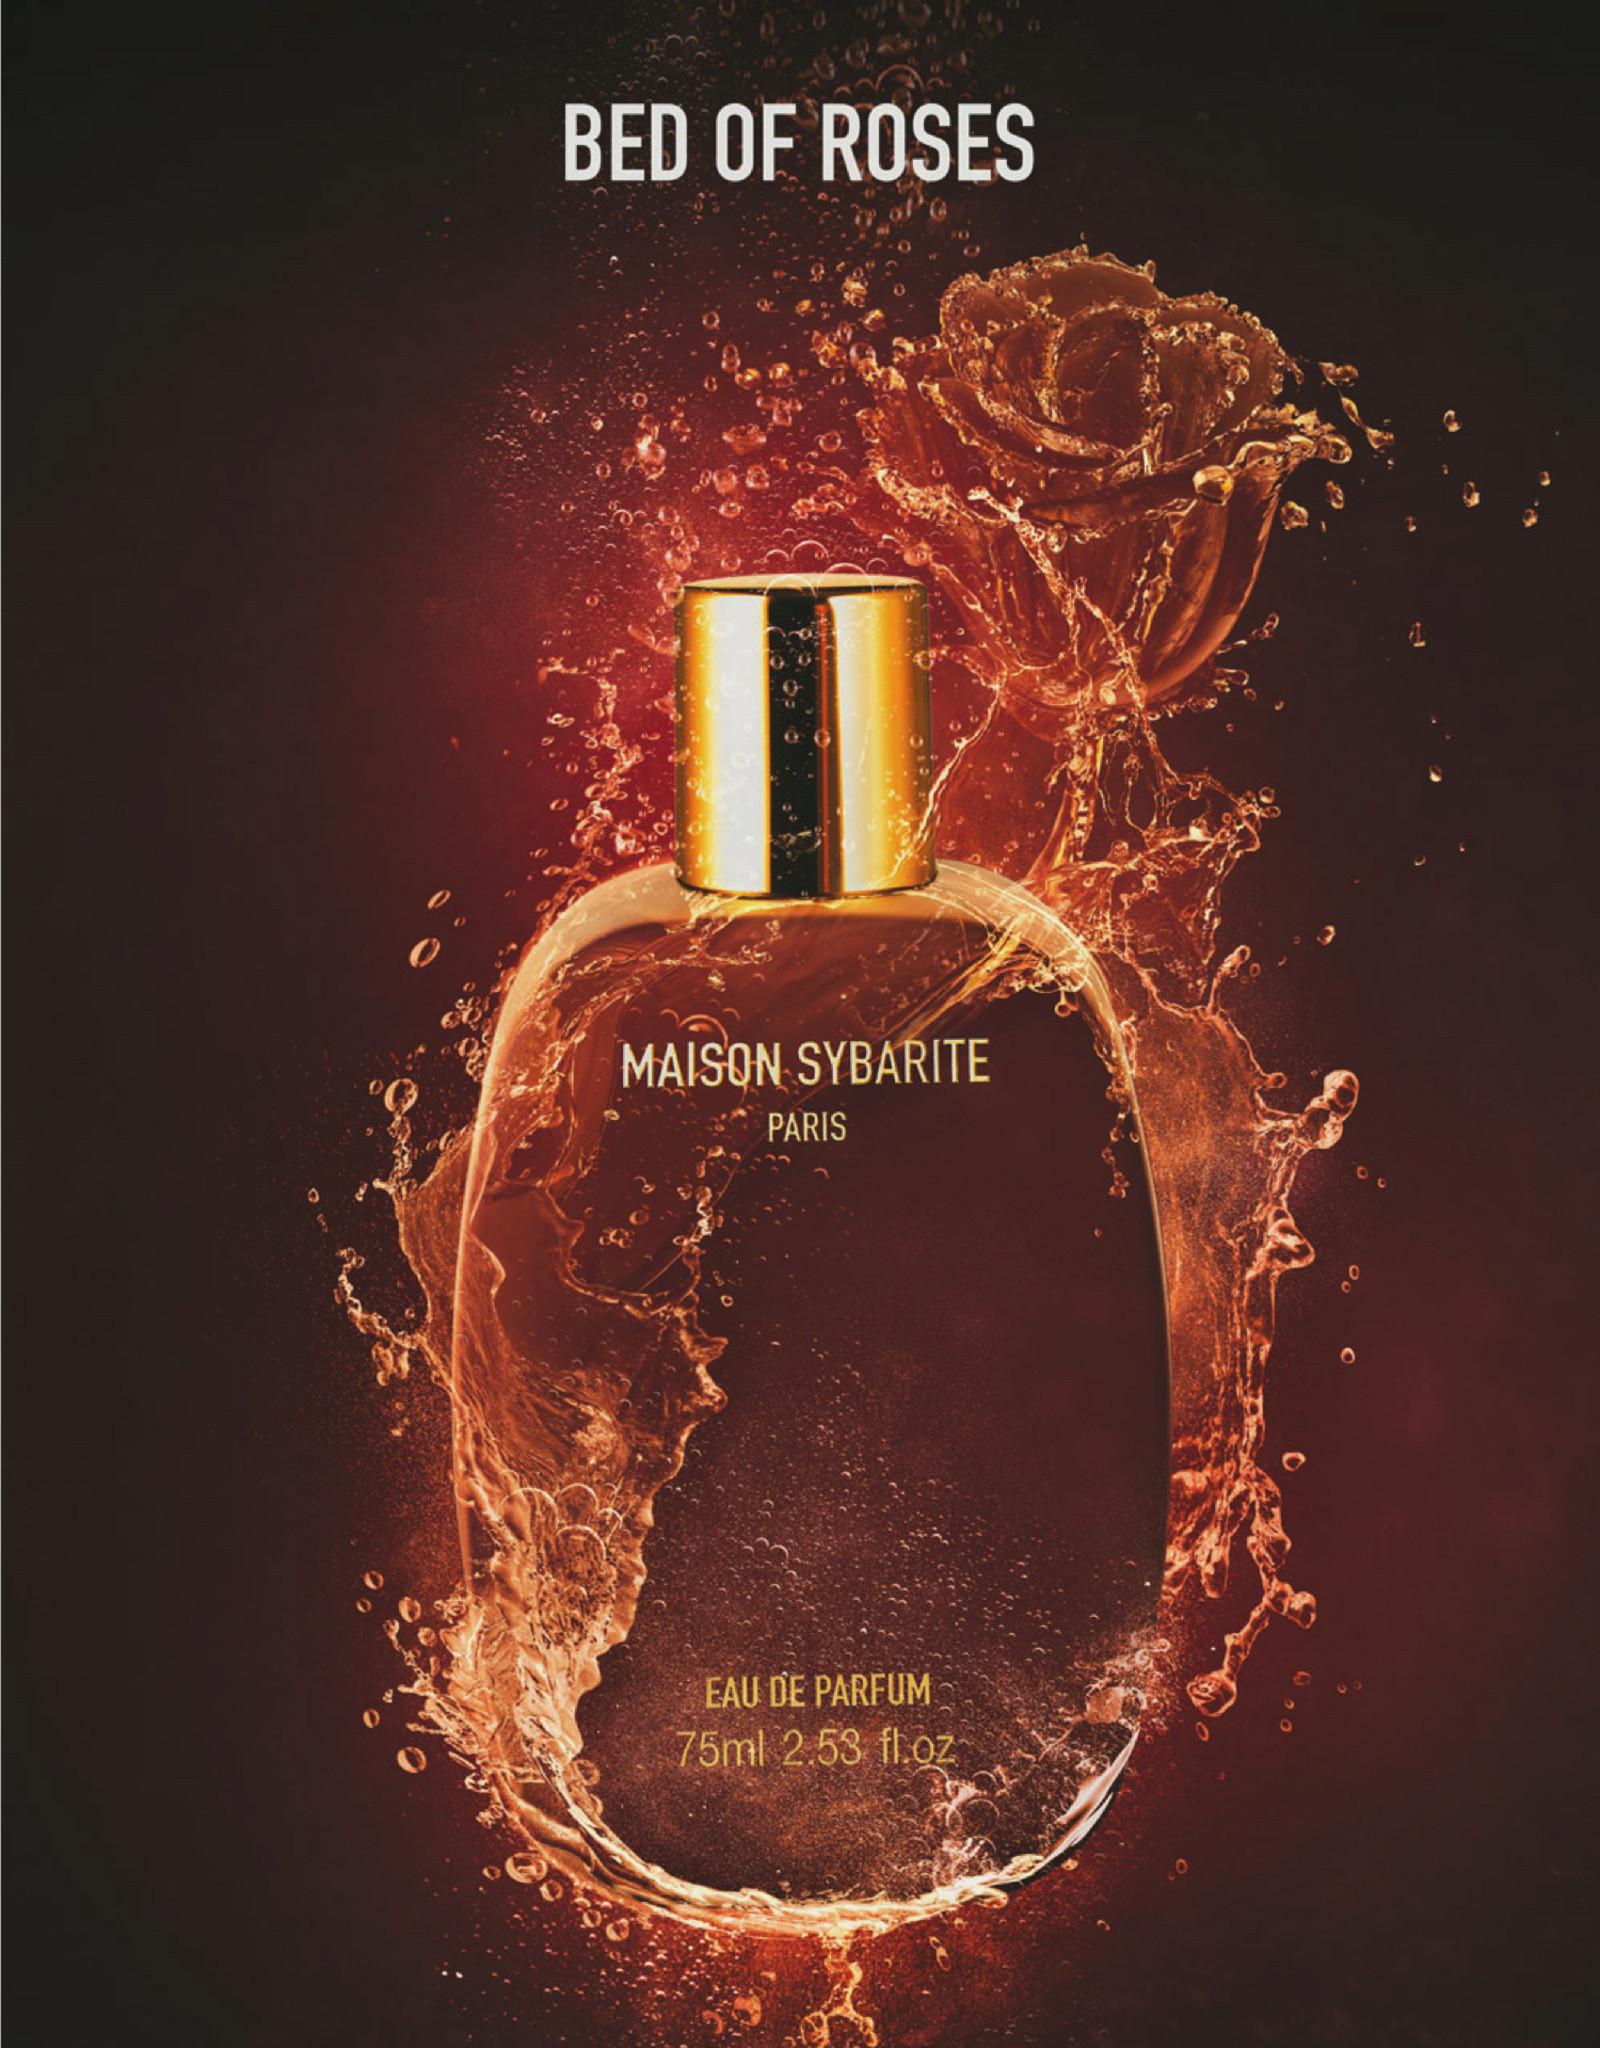 Maison Sybarite Maison Sybarite - Bed of Roses - Eau de Parfum